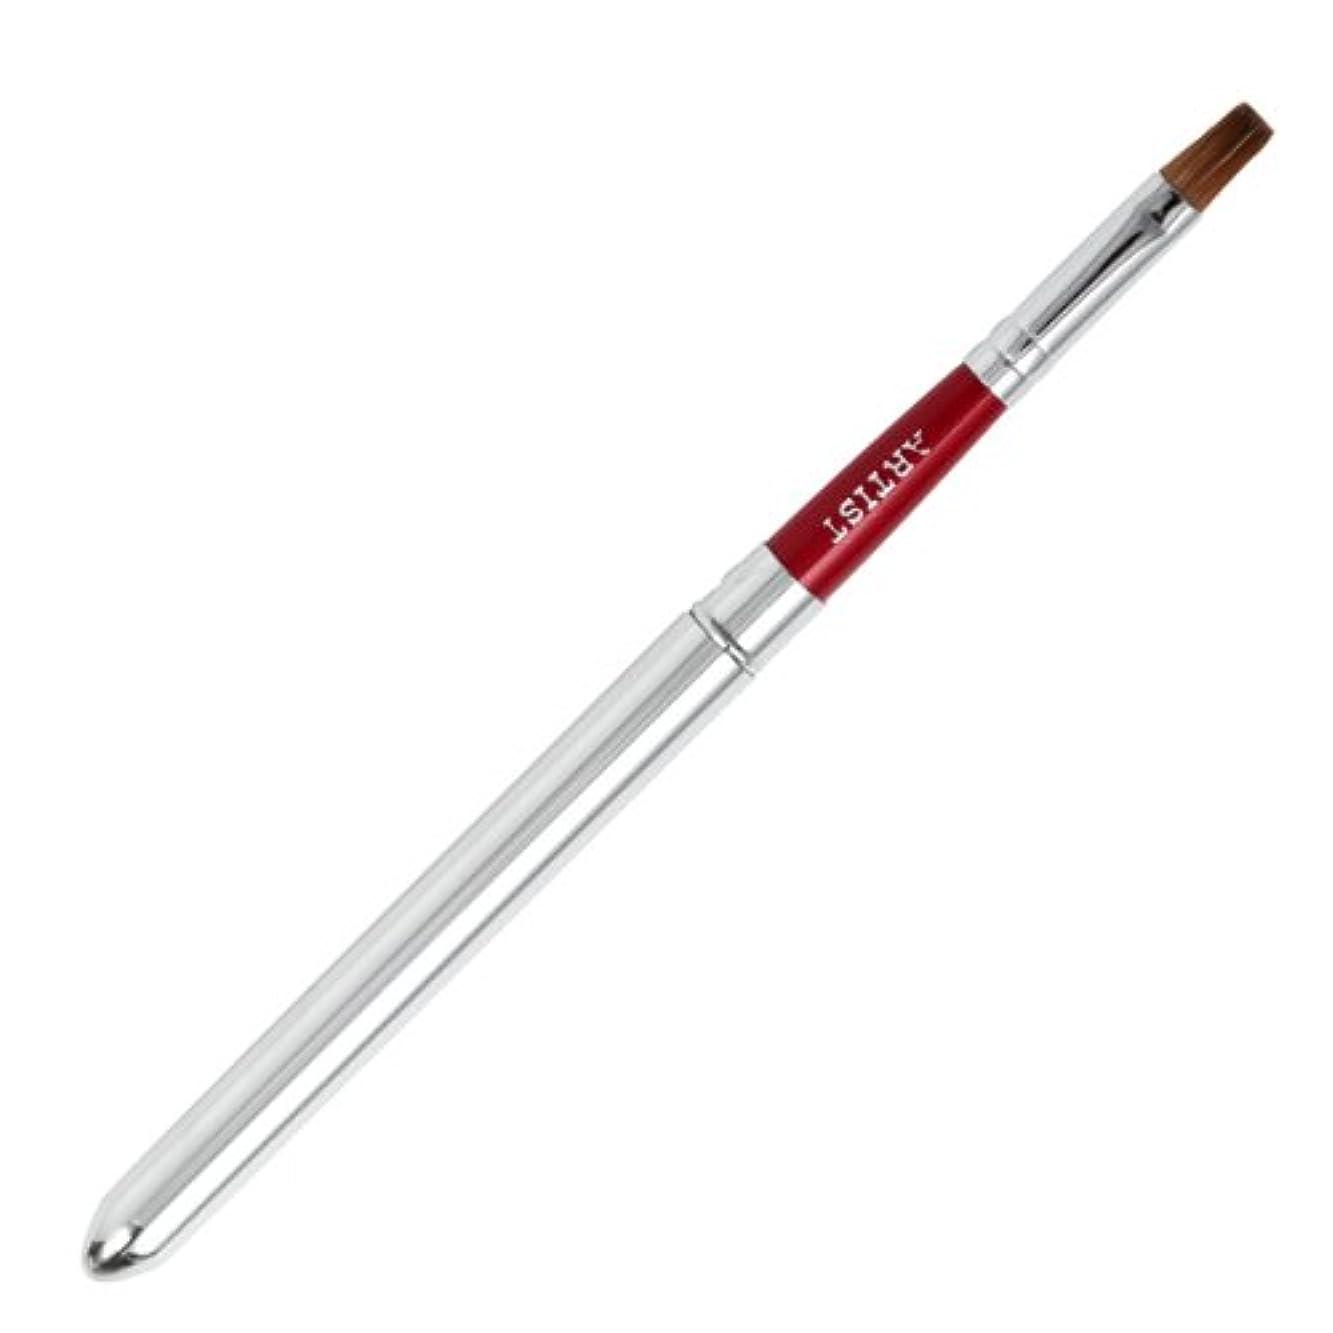 支援する窓囲い広島熊野筆 携帯リップブラシ 毛質 コリンスキー